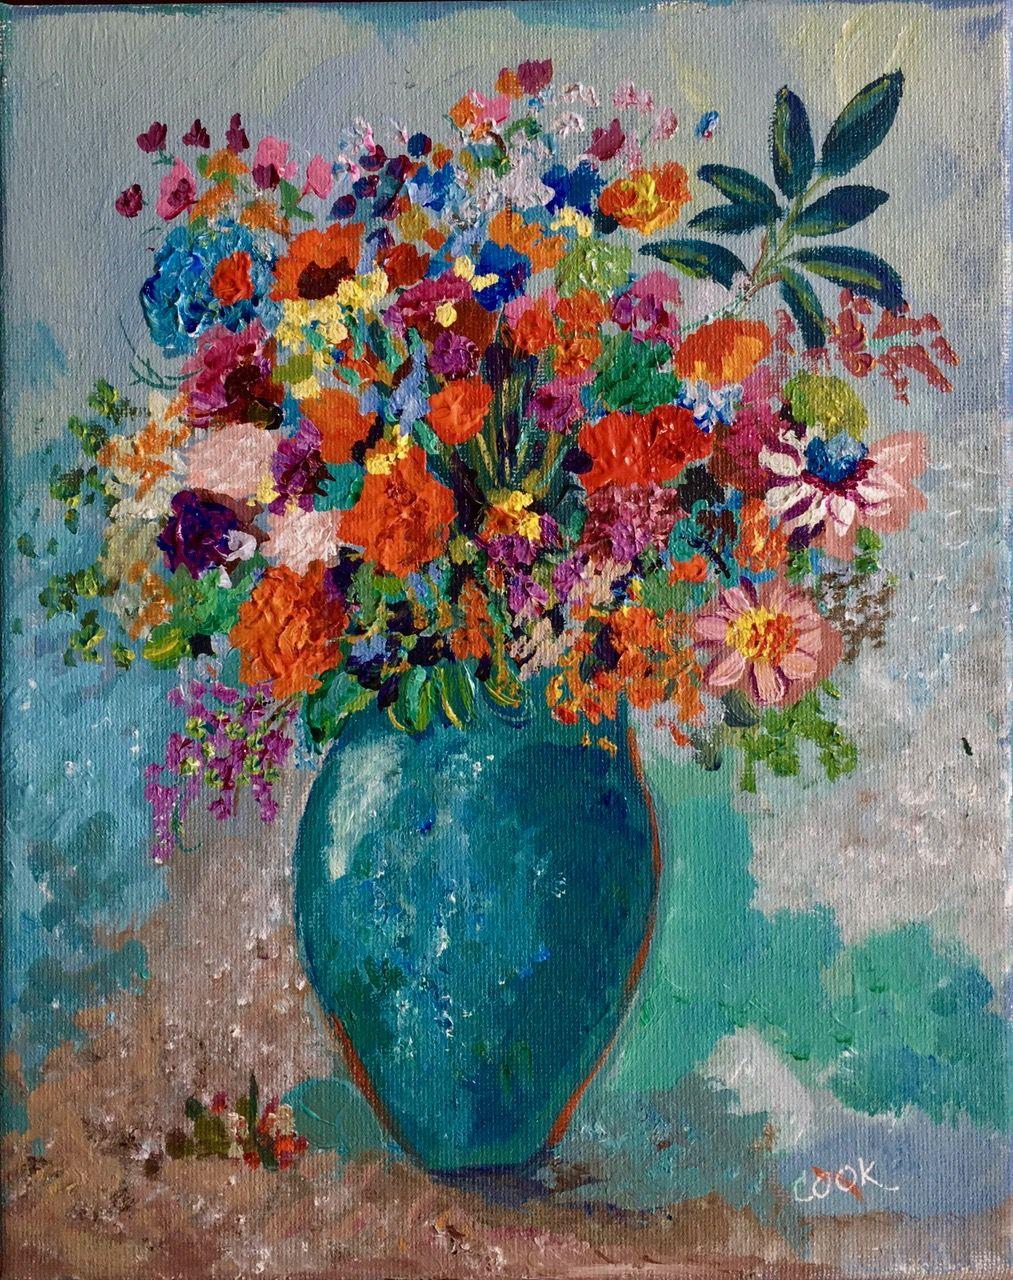 flower vase painting ideas